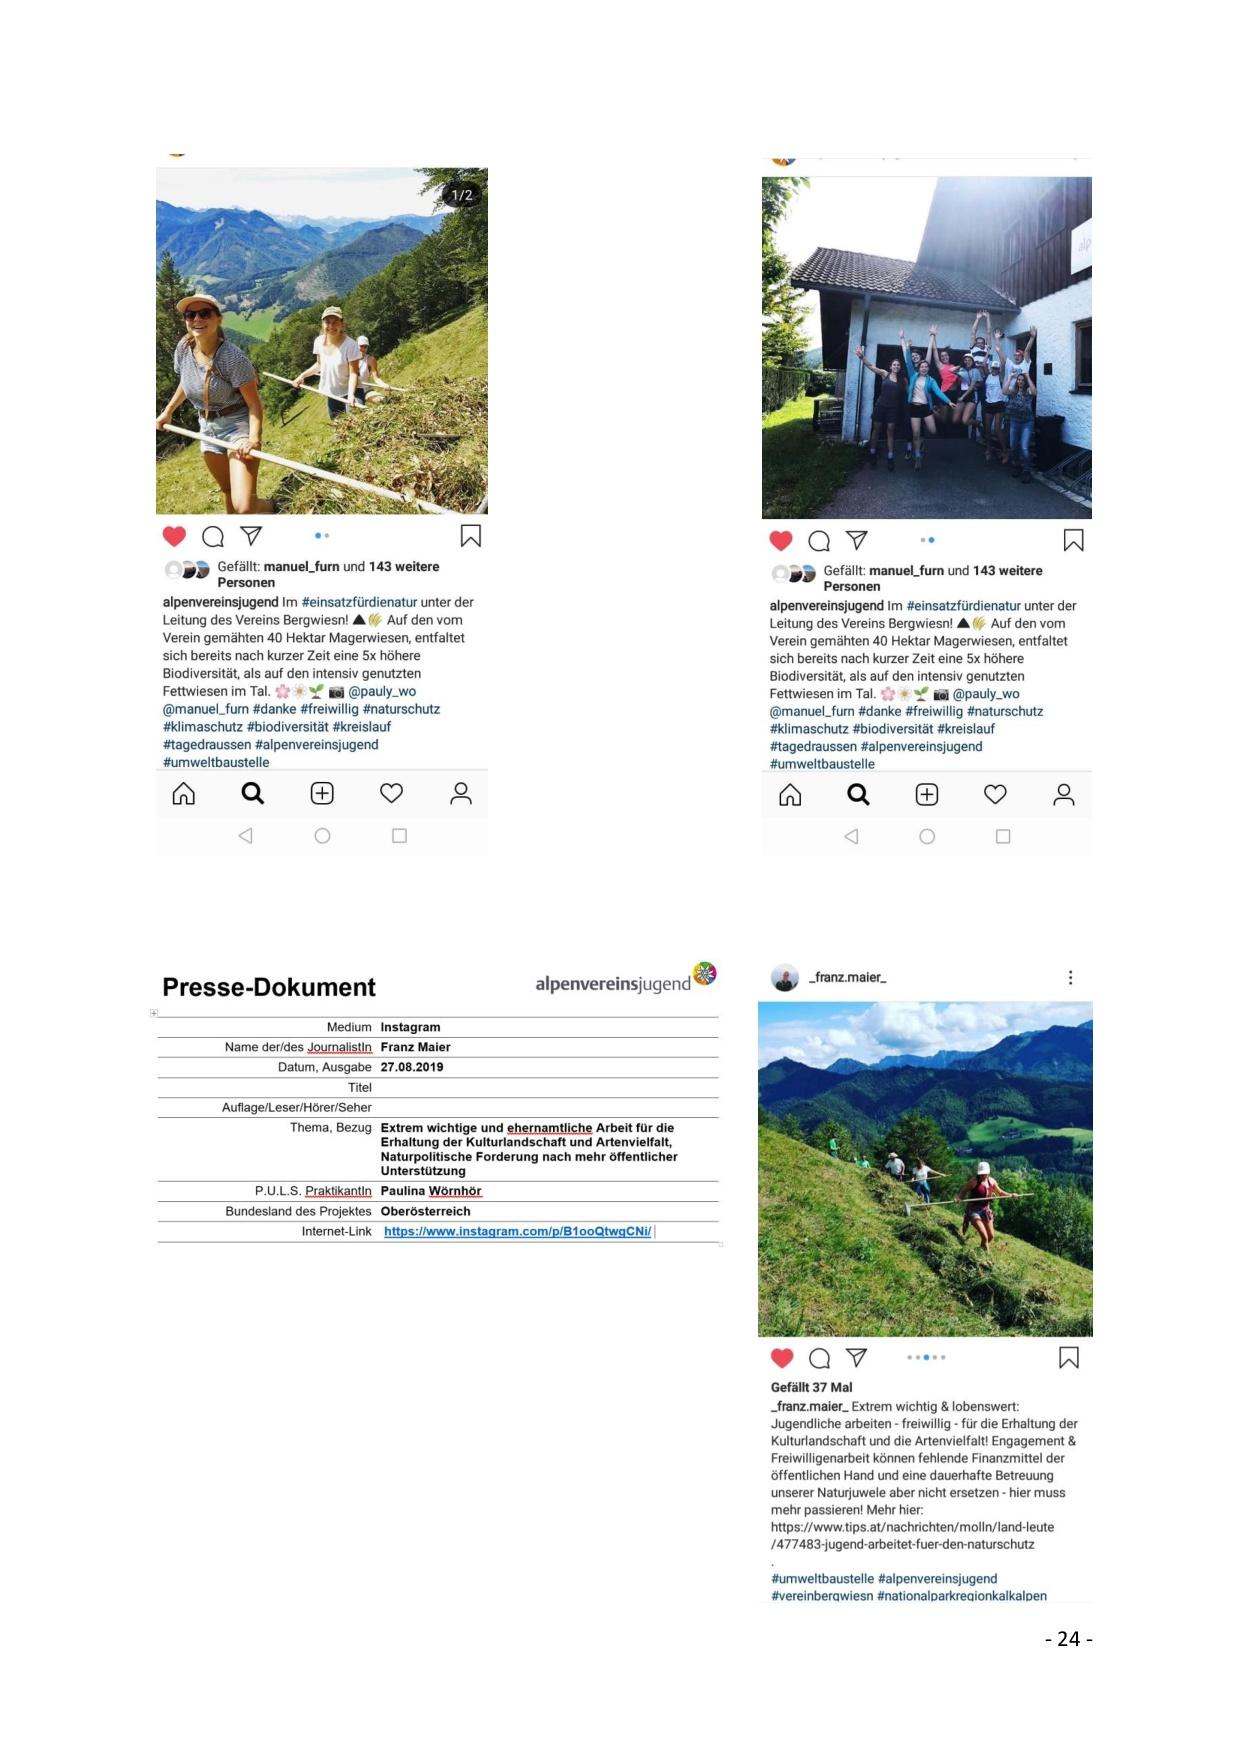 Projektdokumentation_Bergwiesn-Heign2_ÖAV_2019-025